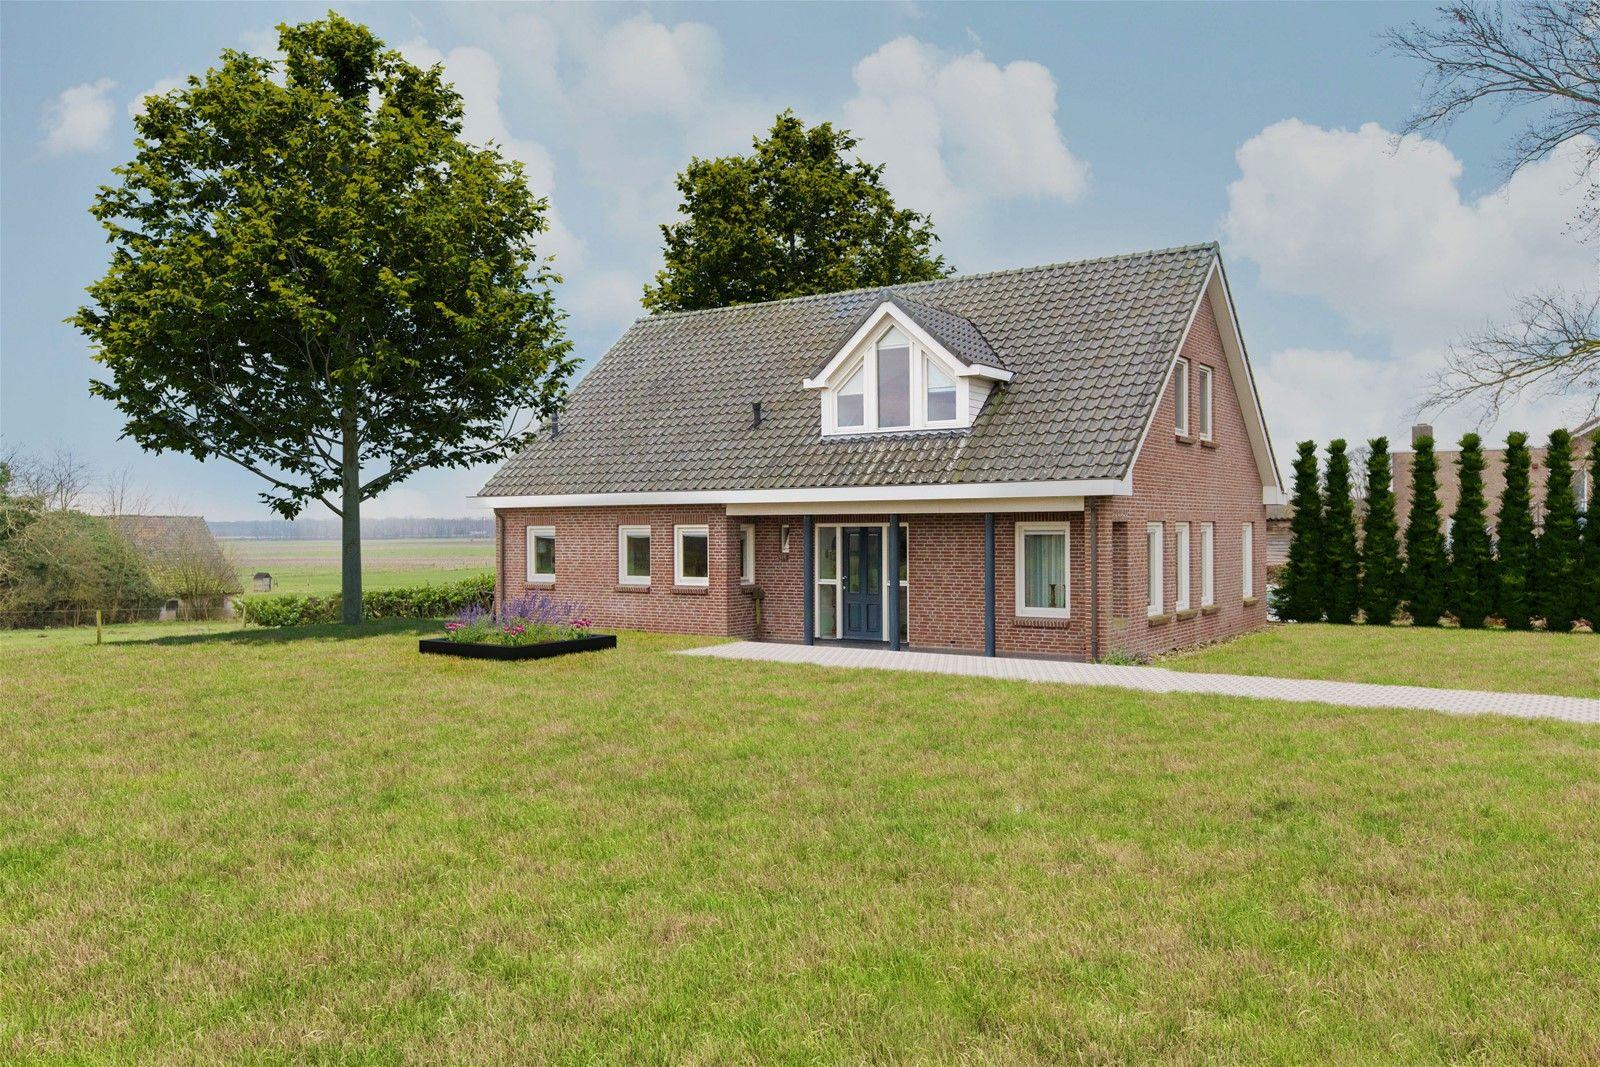 's-Heerenbergseweg 4, Stokkum